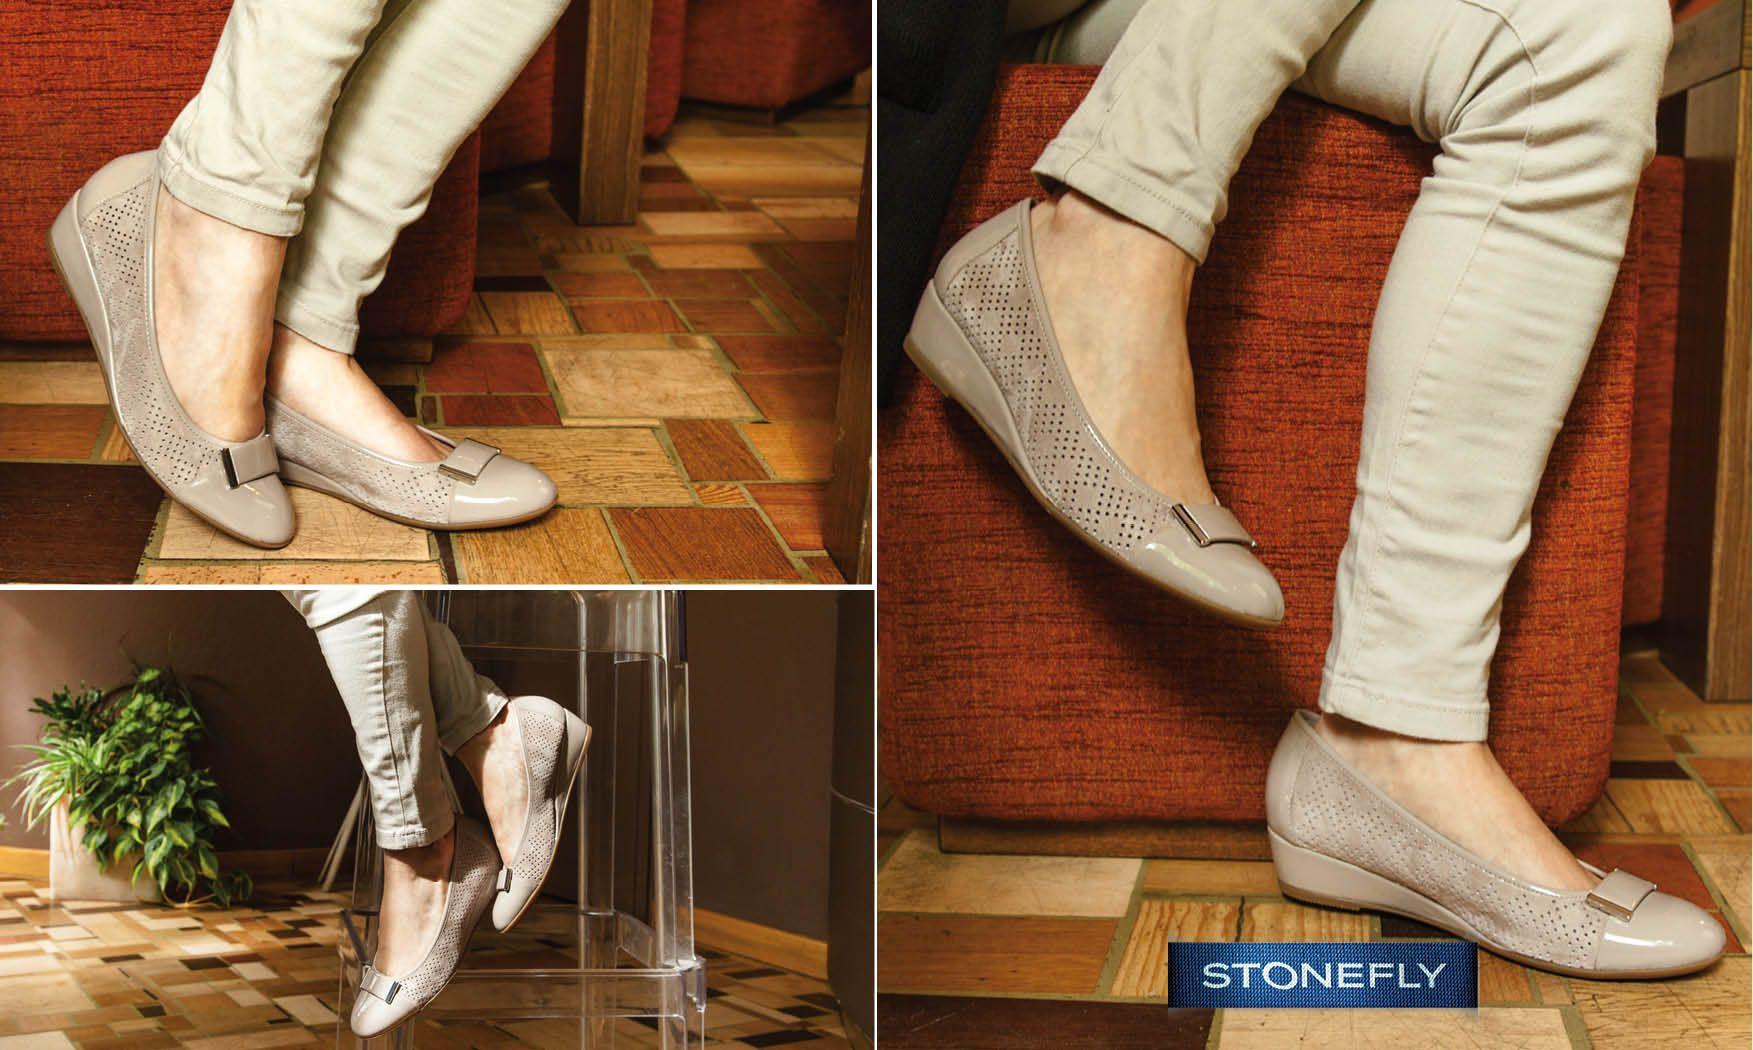 Voglia di leggerezza ma ancora troppo freddo per i sandali? Le #ballerine sono perfette per questa mezza stagione, soprattutto se - come Maggie - sono in pelle scamosciata e eleganti dettagli in vernice. Scoprile qui >> http://ow.ly/4n8Sfg #Stonefly #scarpe #shoes